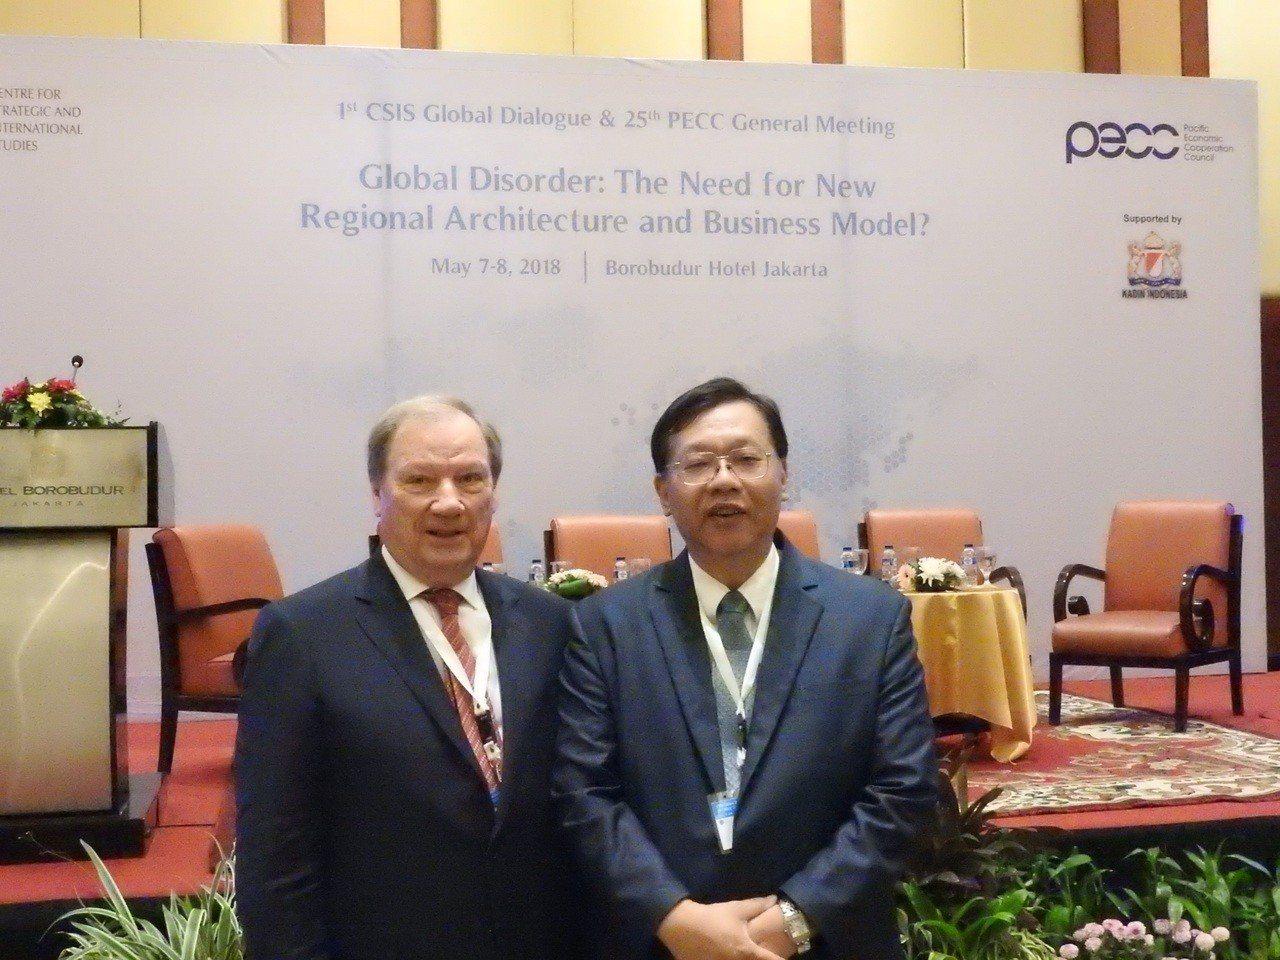 台經院院長林建甫(右)與PECC主席Donald Campbell於會議現場合影...